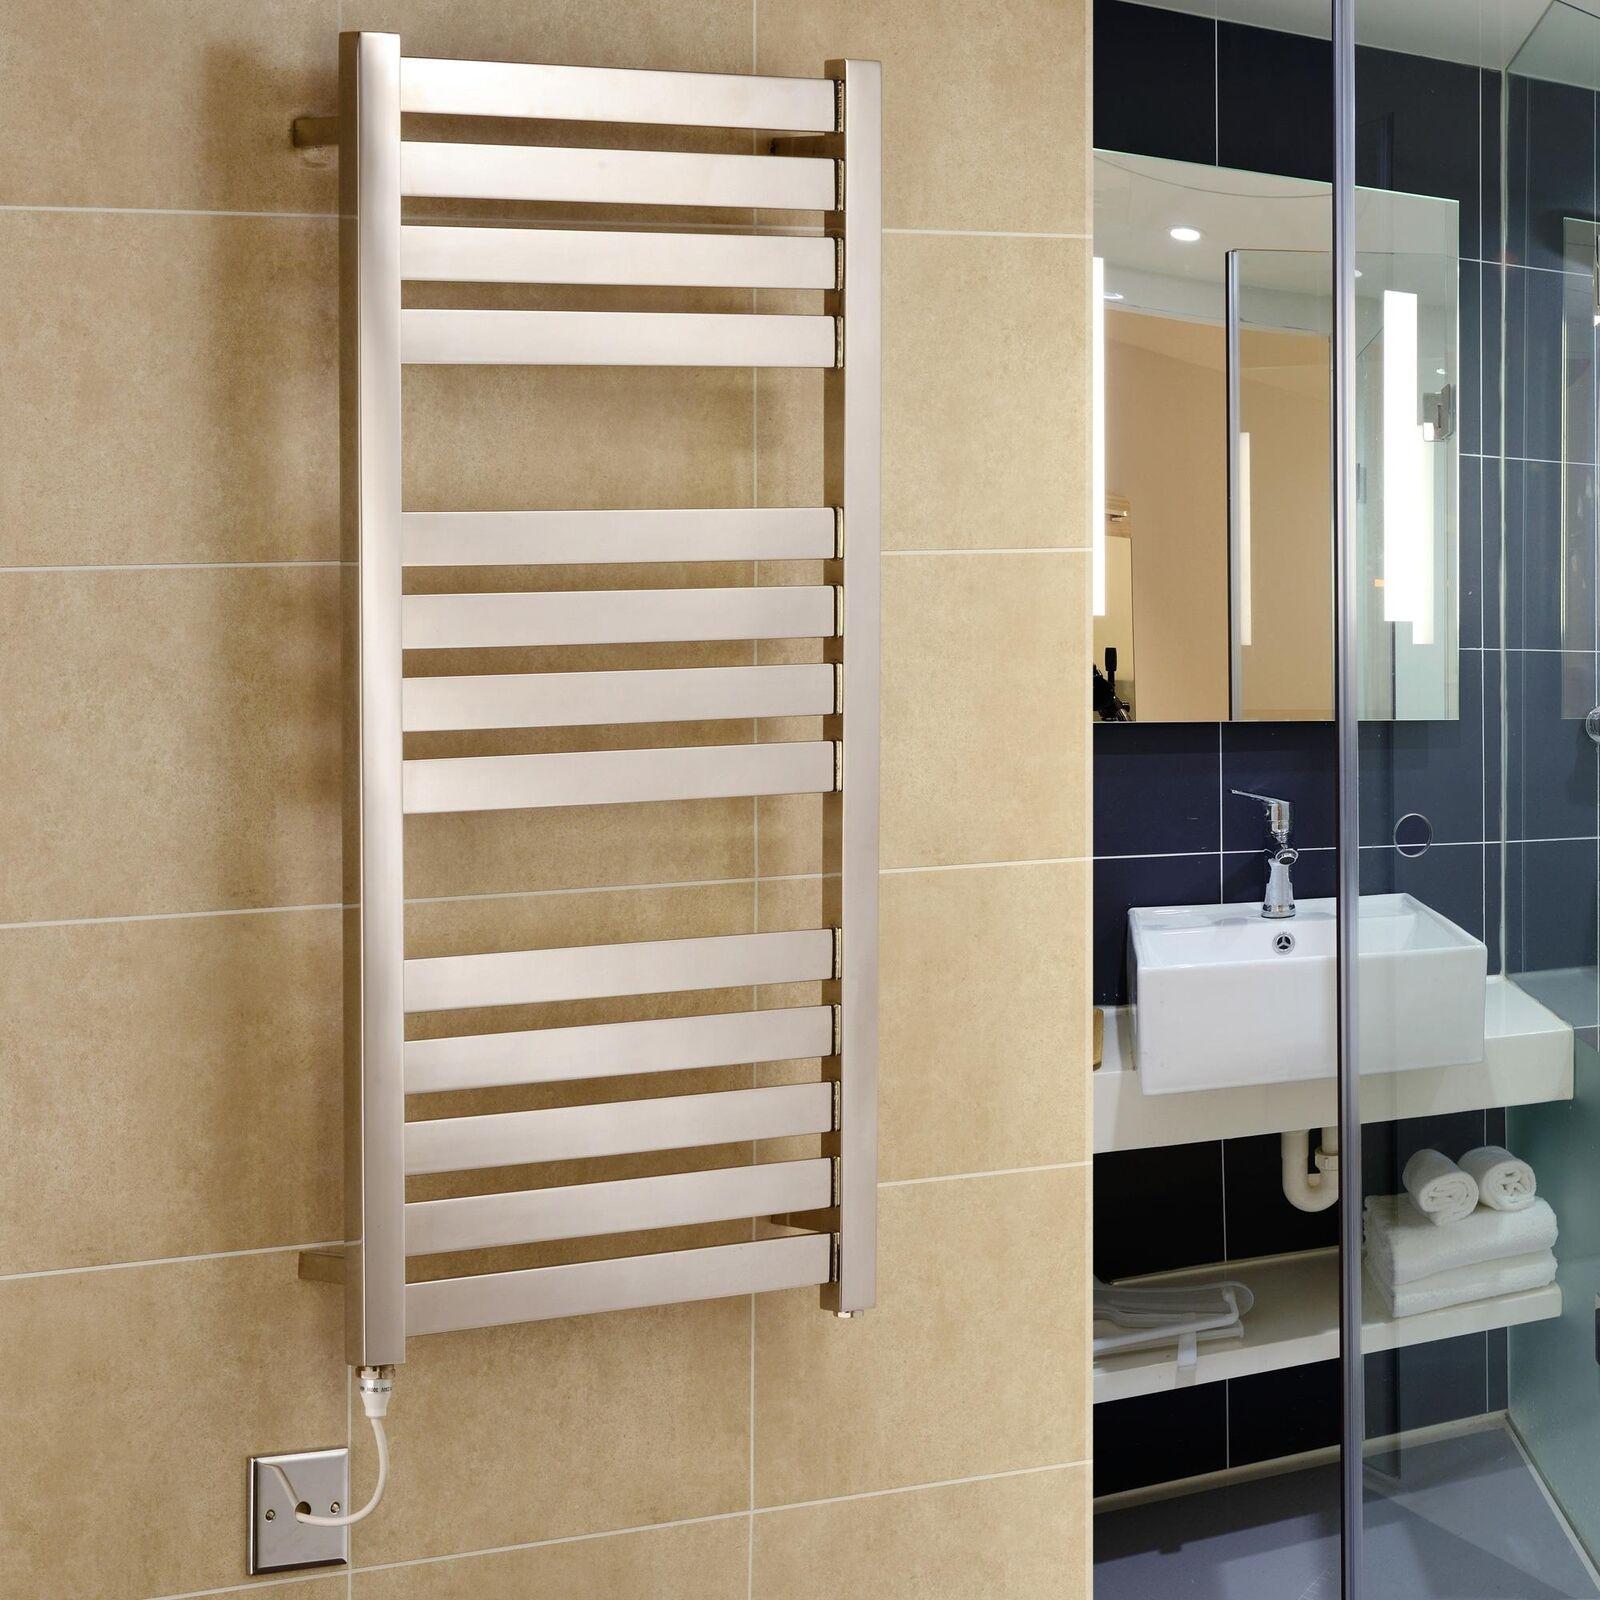 Algarve designer électrique en acier inoxydable serviette chauffe-serviette rail